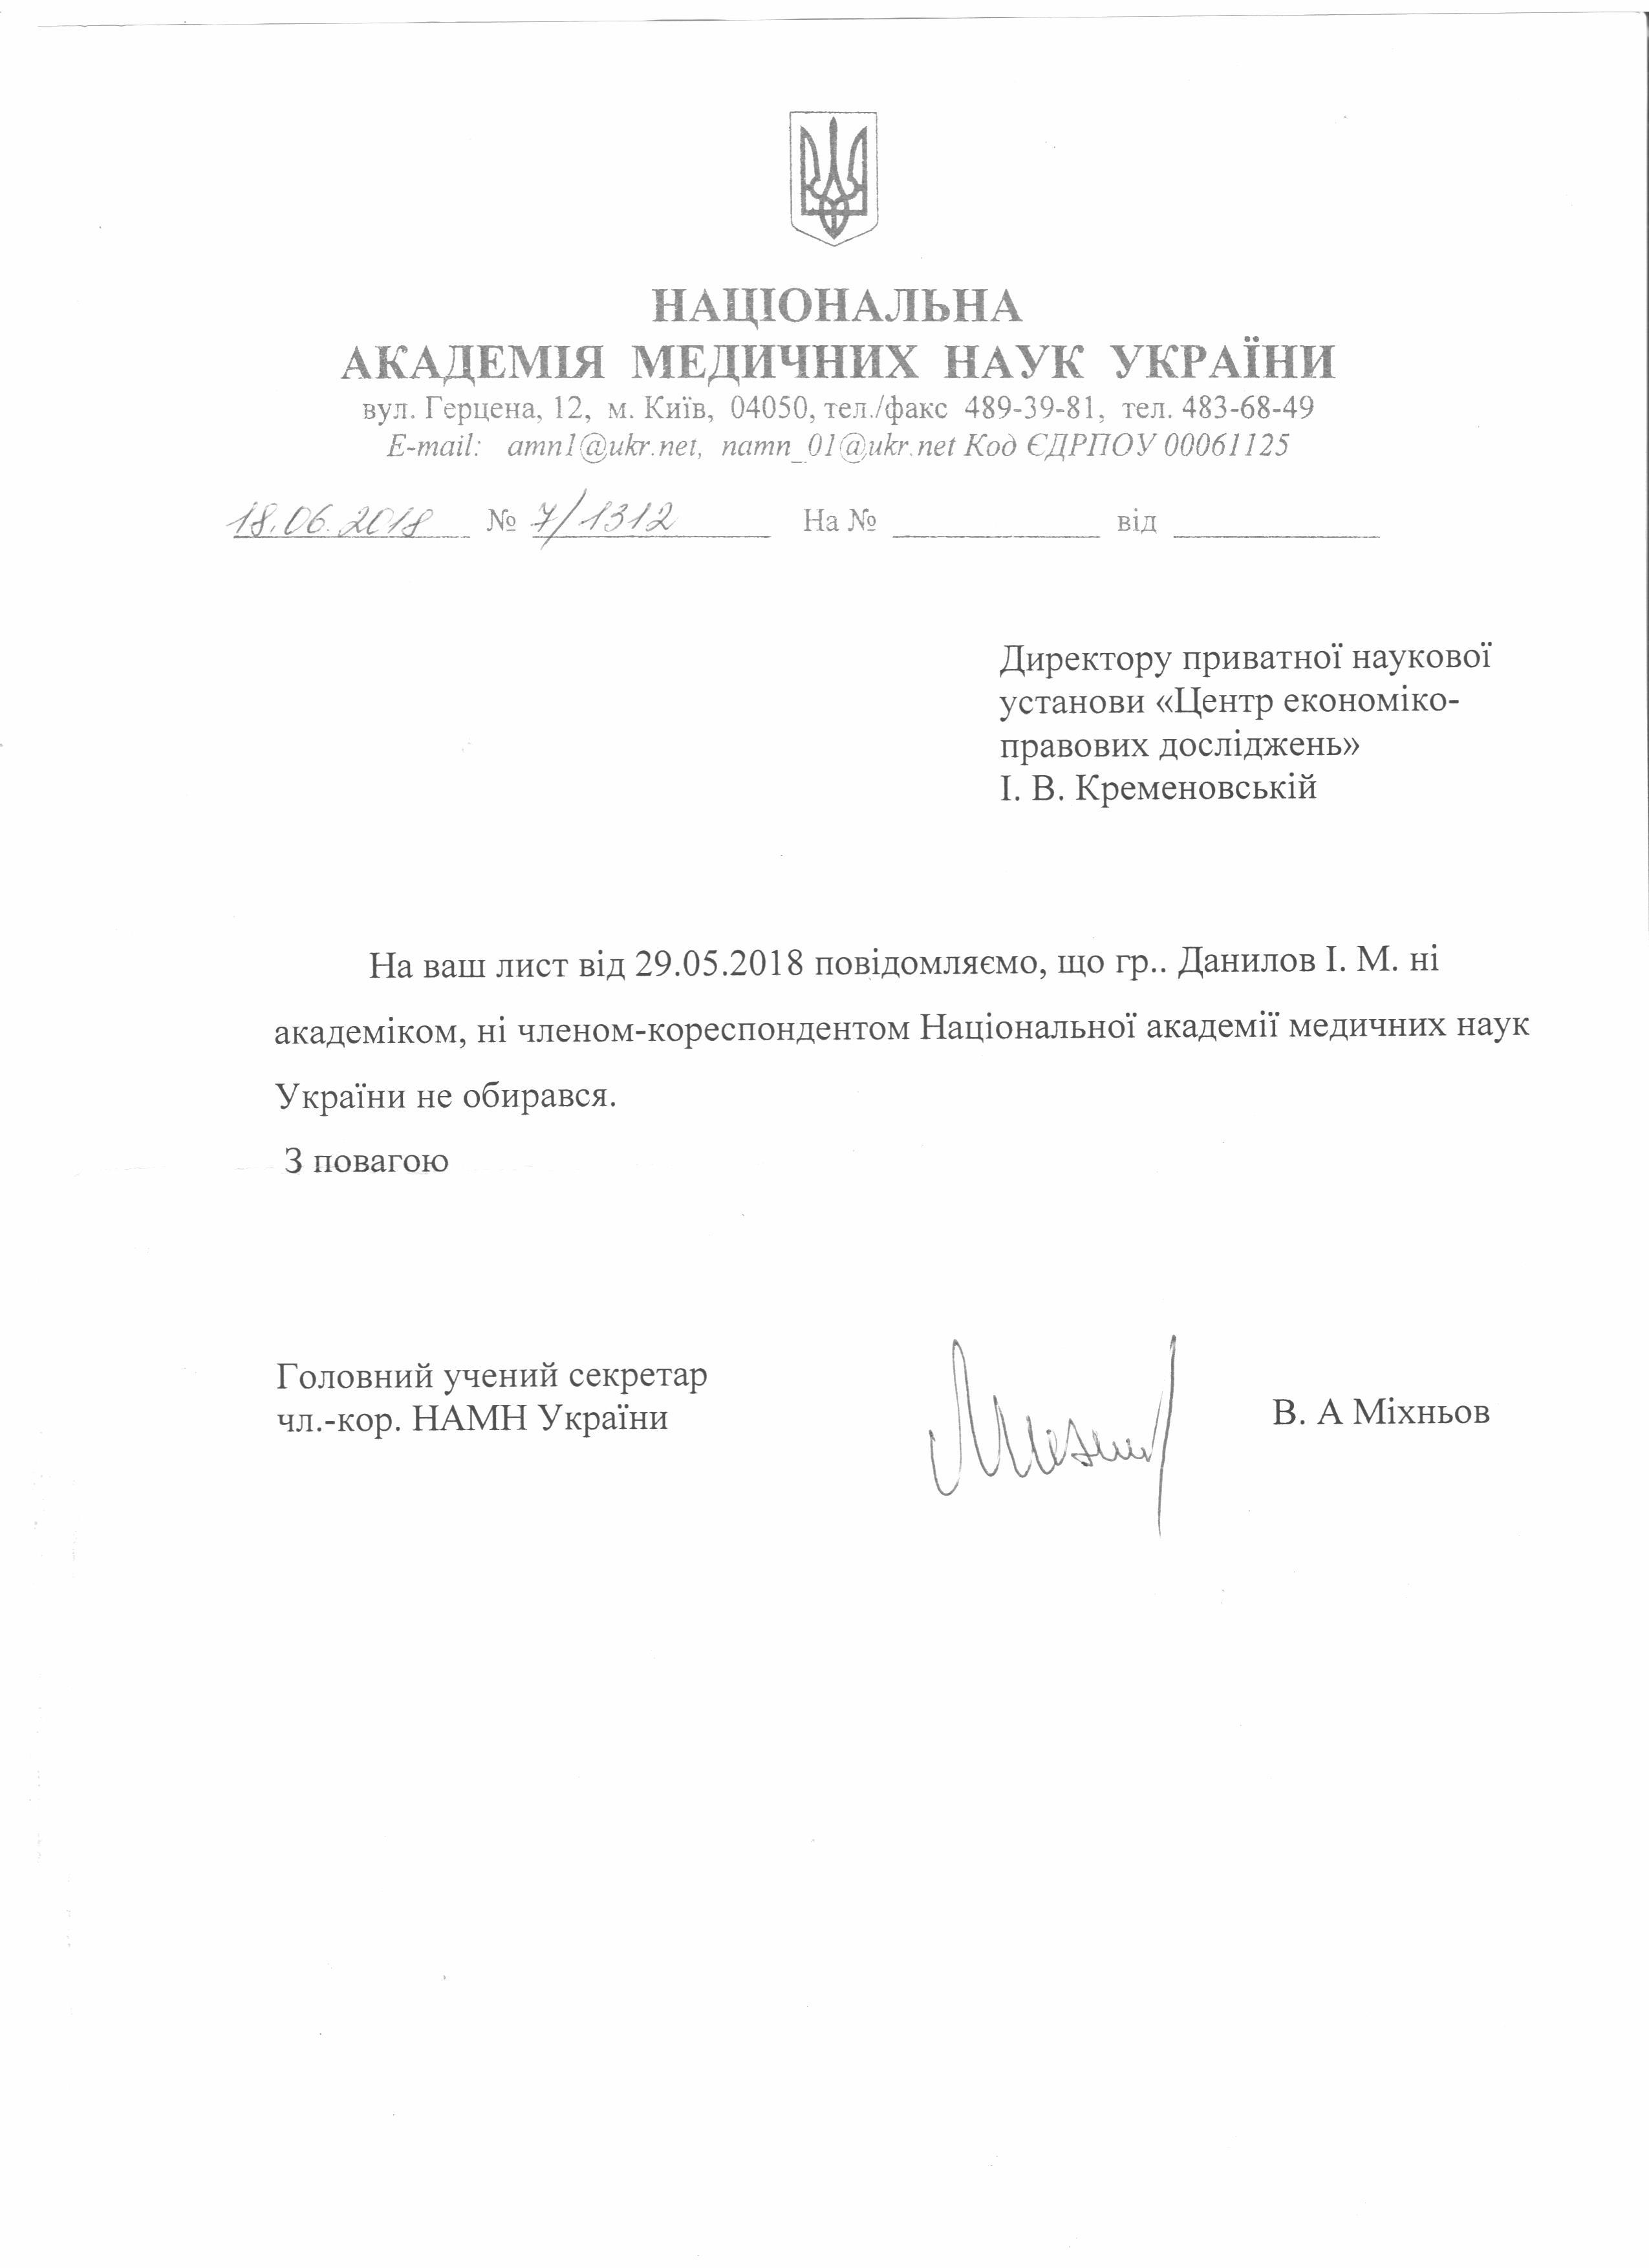 Данилов АллатРа